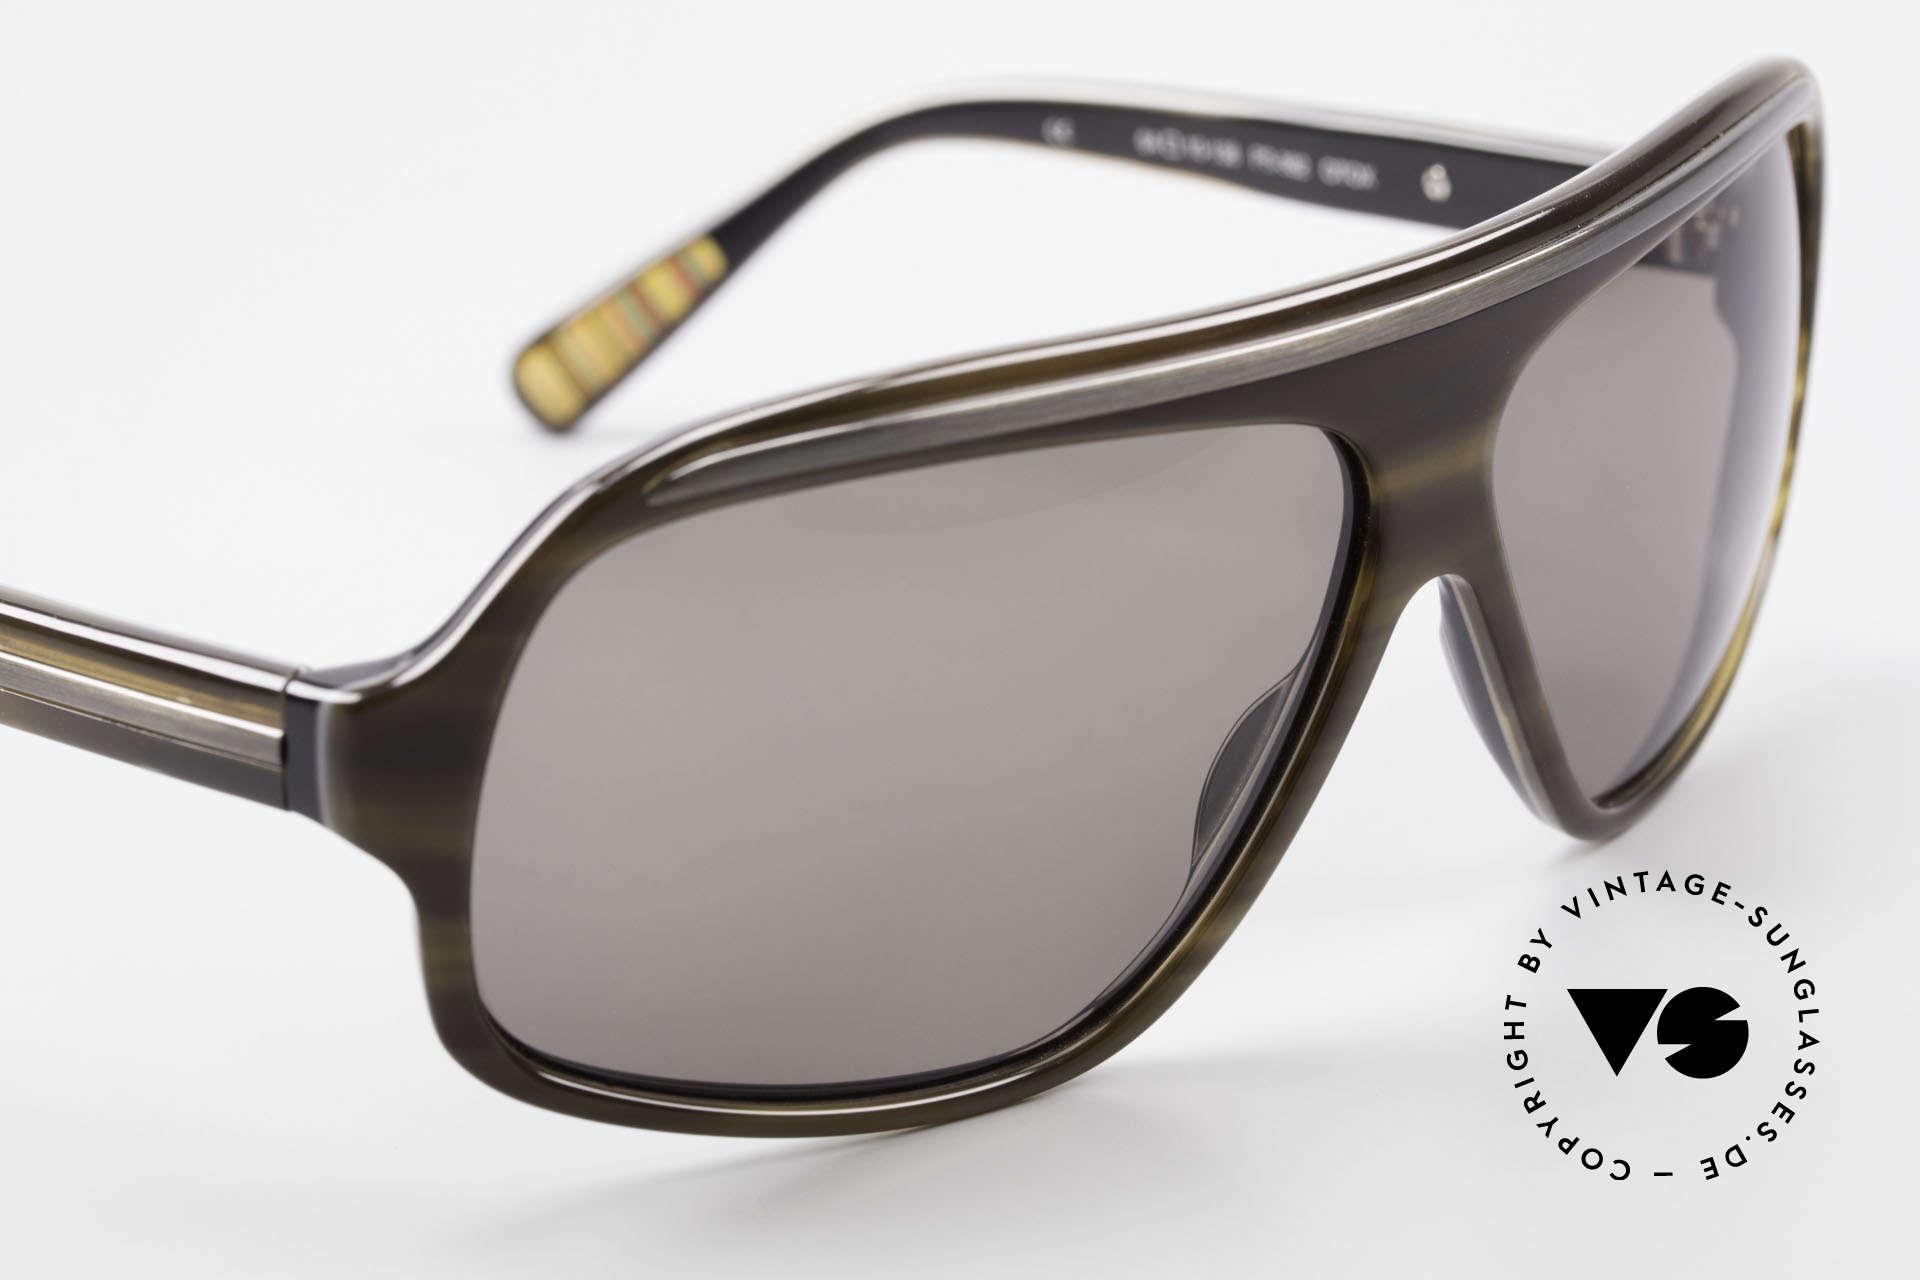 Paul Smith PS382 Vintage Men's Sunglasses 90's, UNWORN men's designer sunglasses (NEW OLD STOCK), Made for Men